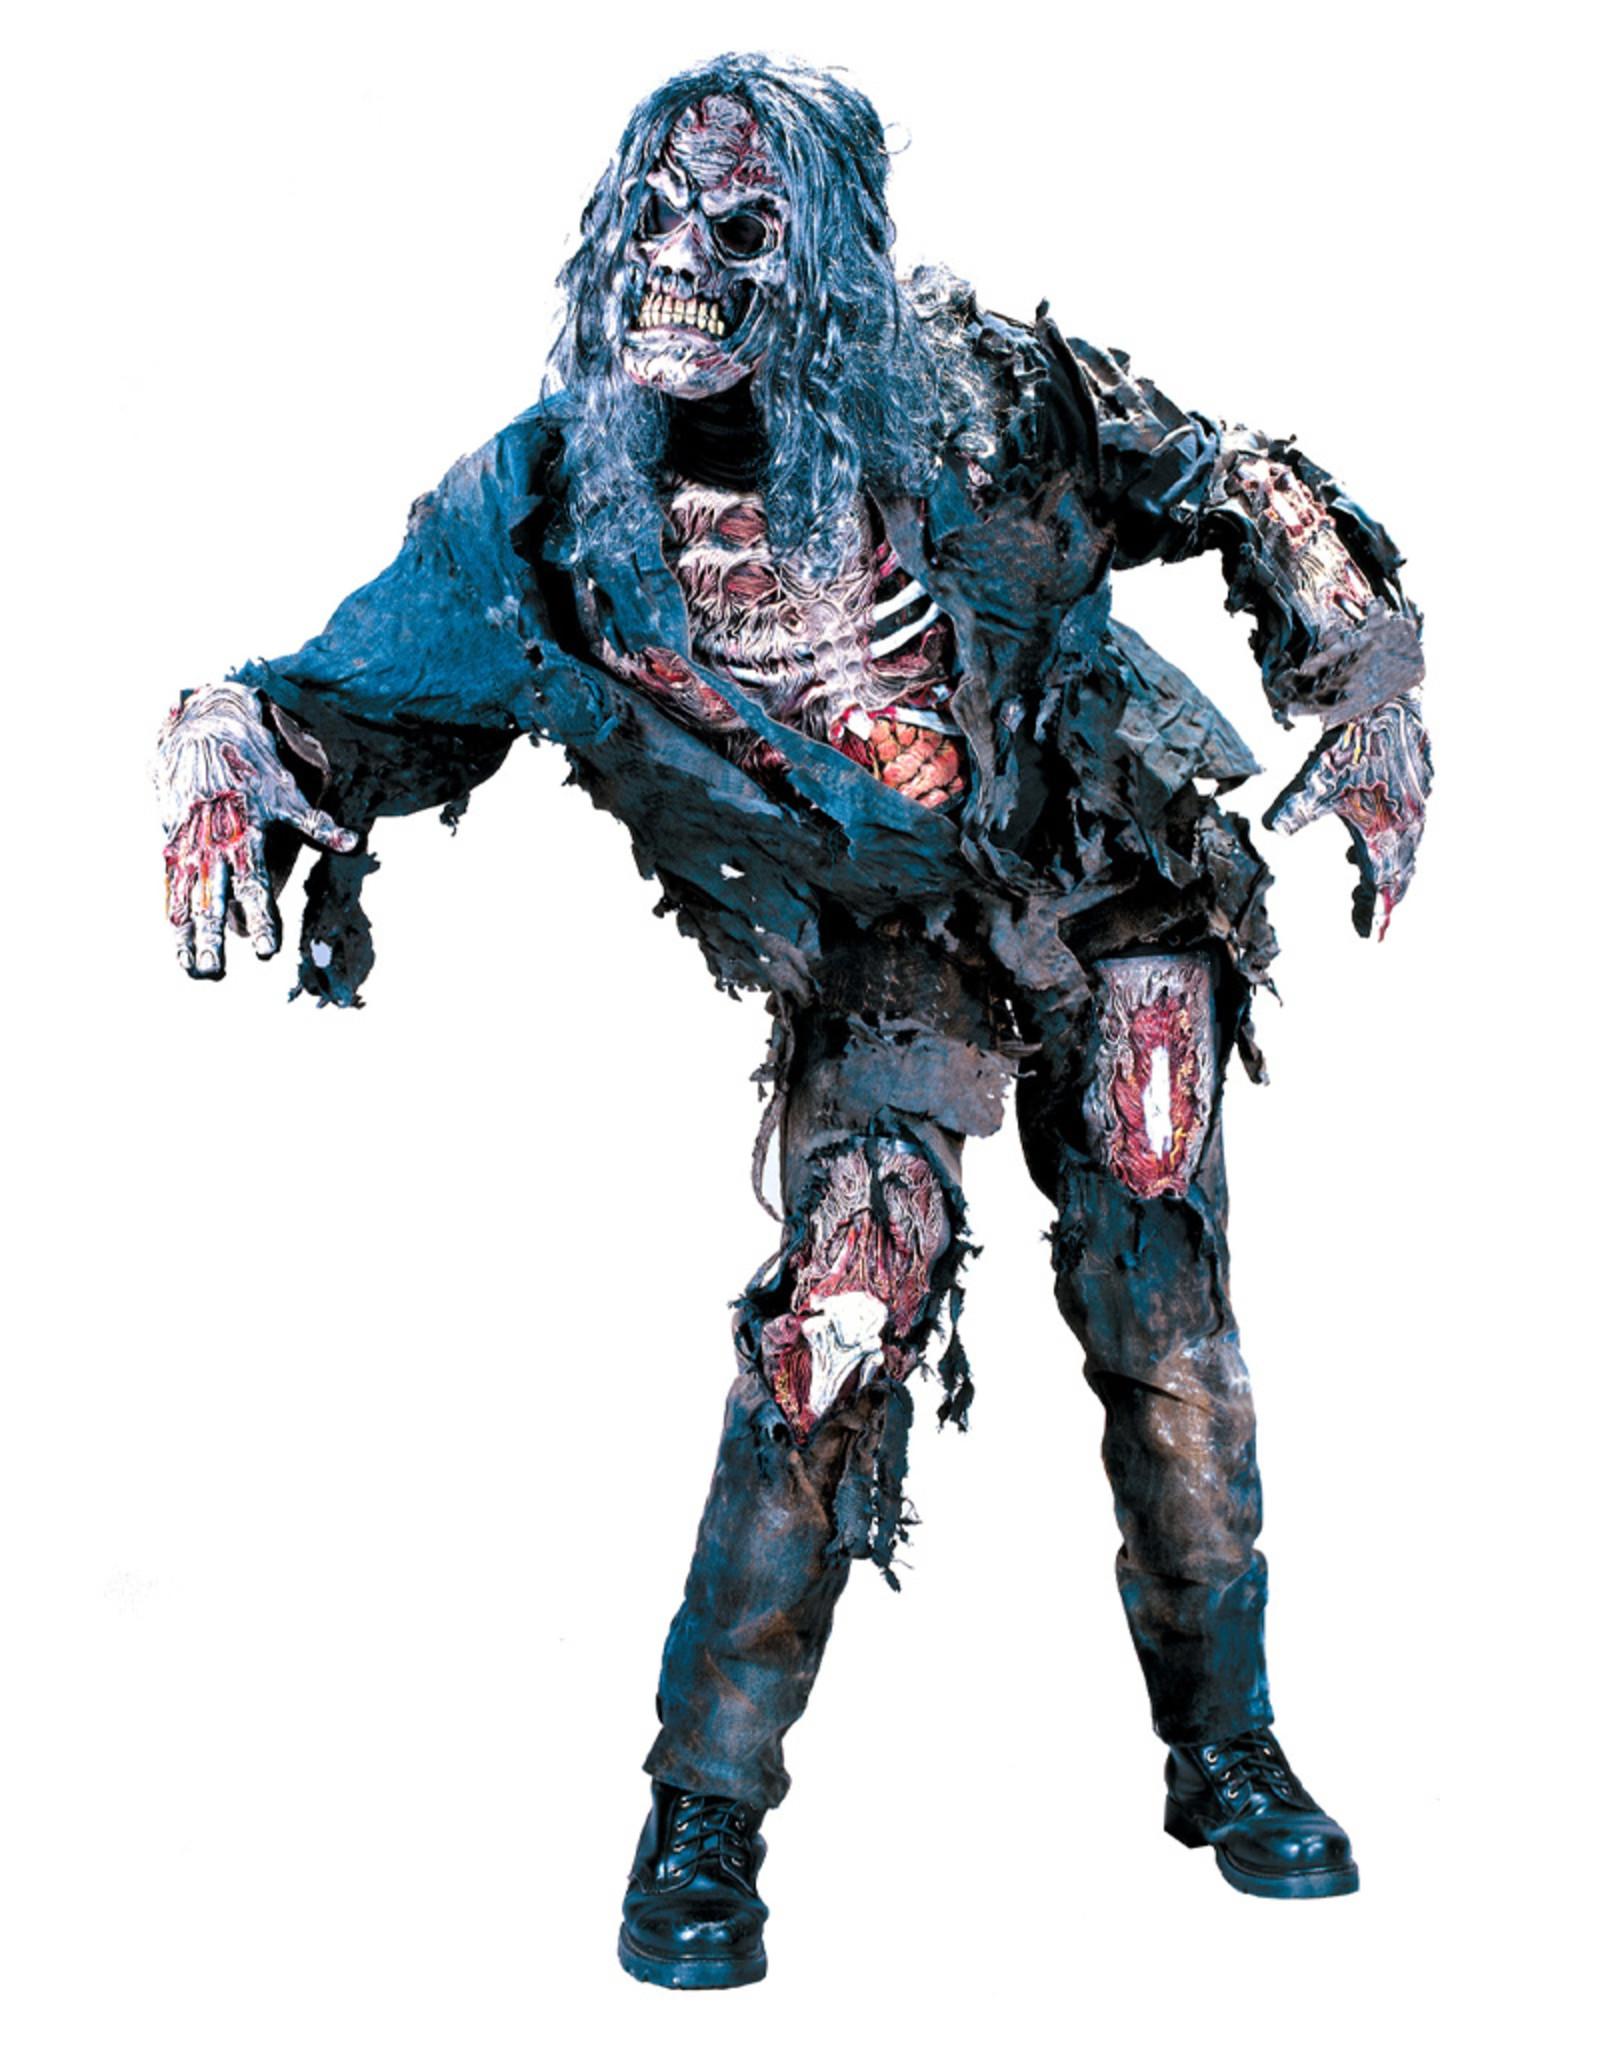 Complete Zombie Costume - Men's